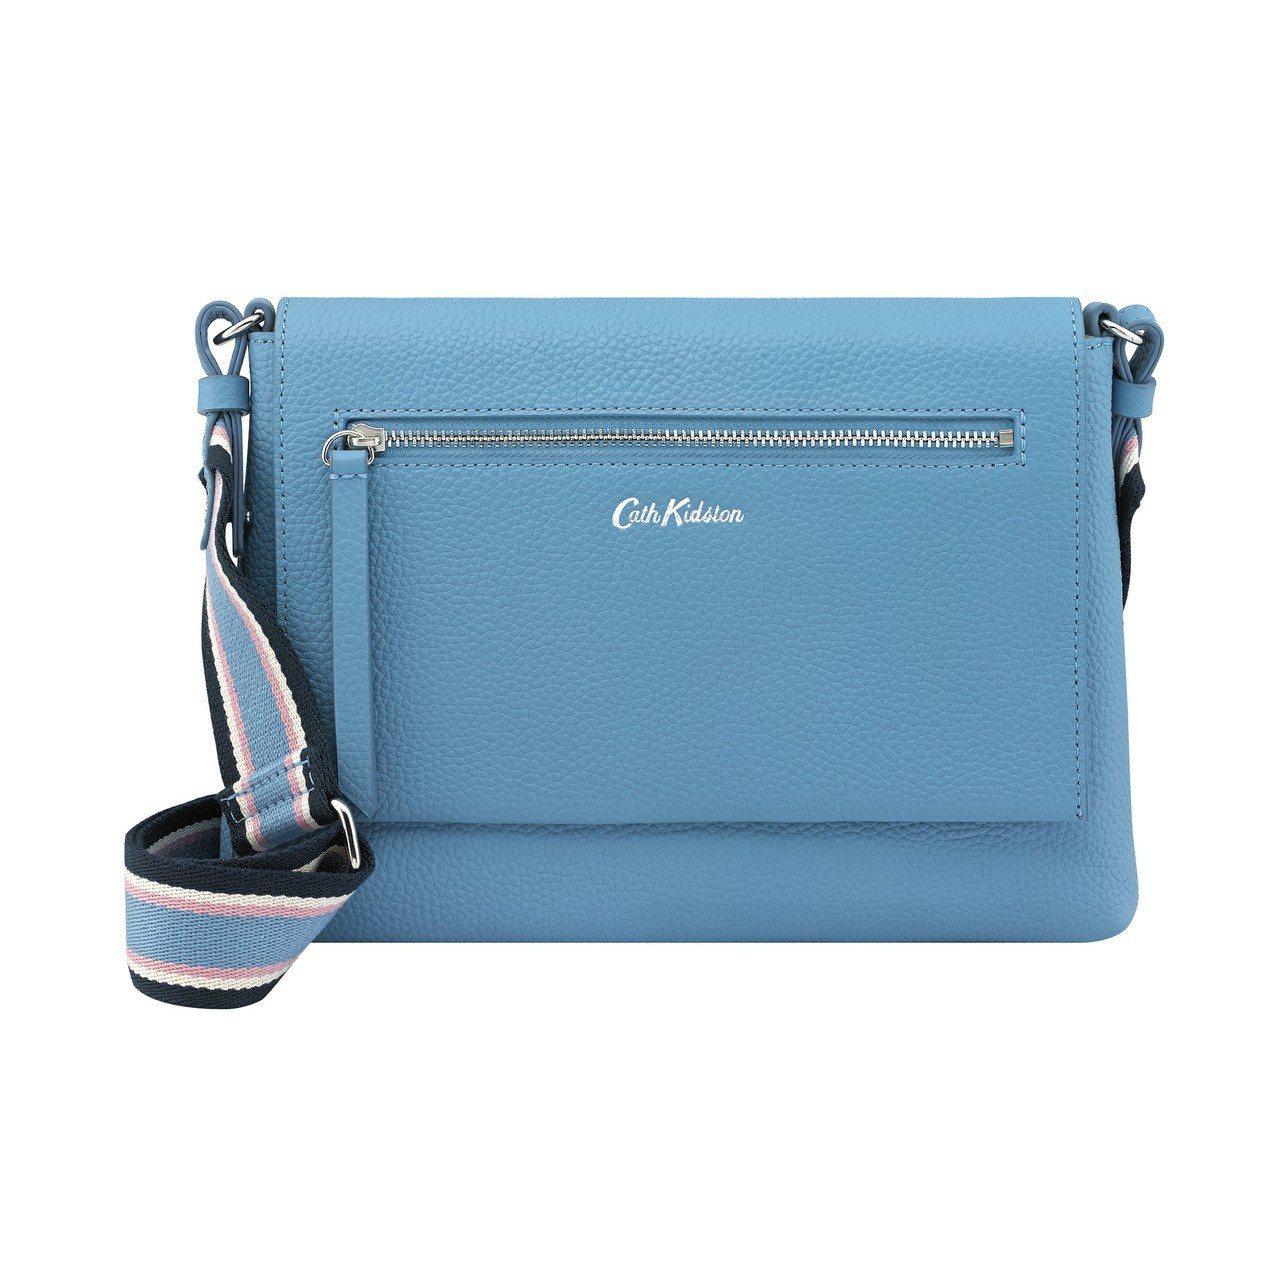 粉藍皮革斜背包,5,280元。圖/Cath Kidston提供